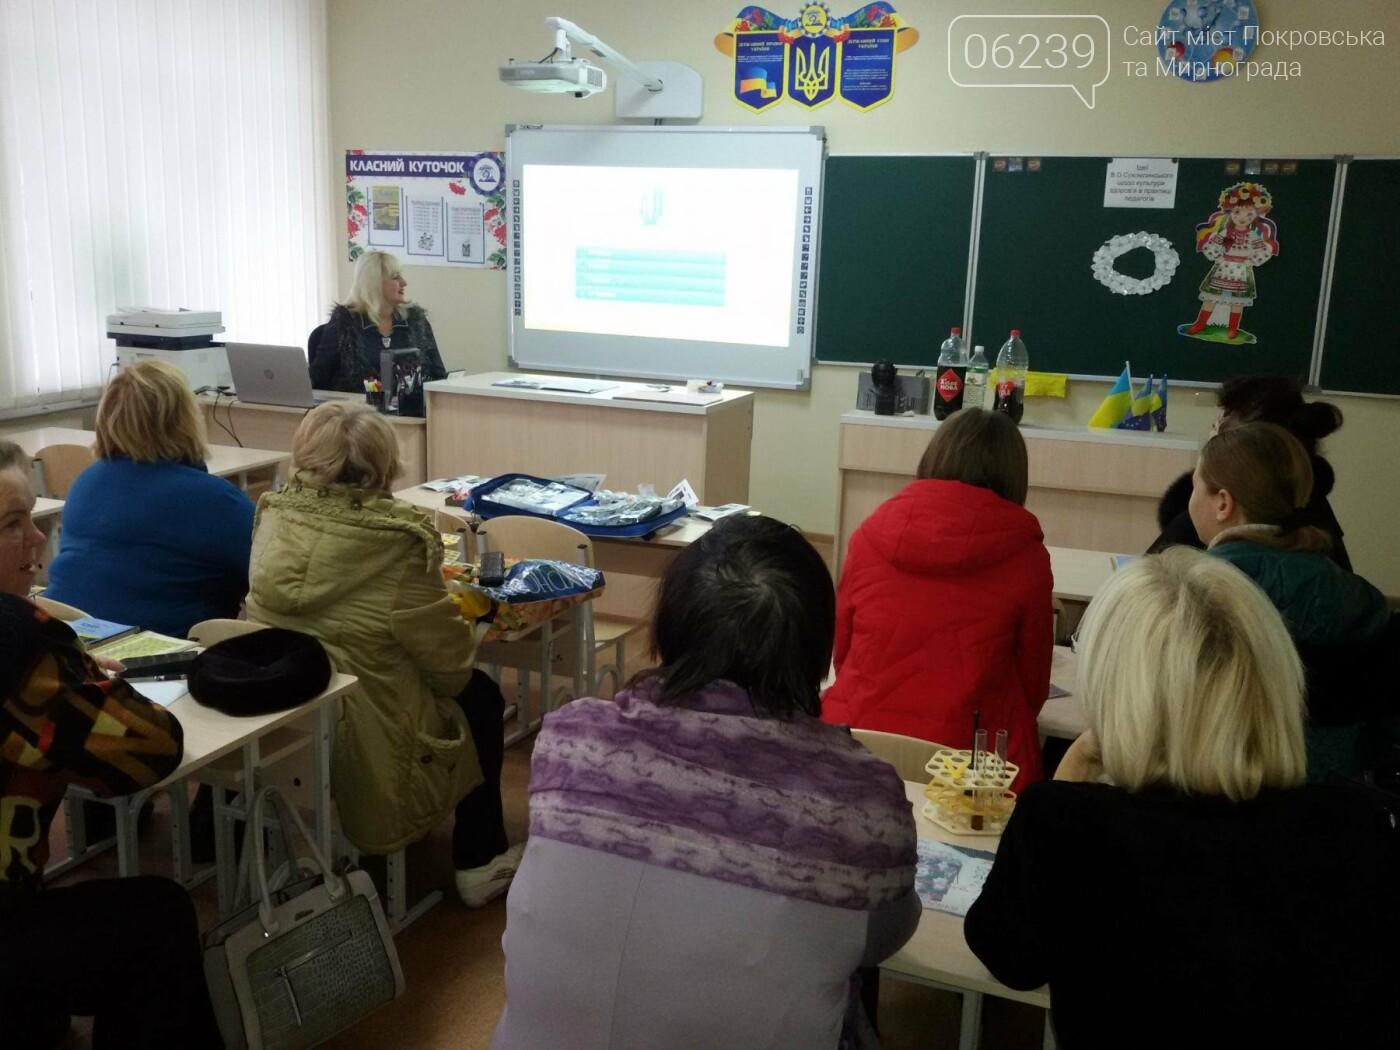 В Покровской опорной школе №9 прошел семинар-практикум по здоровьесбережению, фото-5